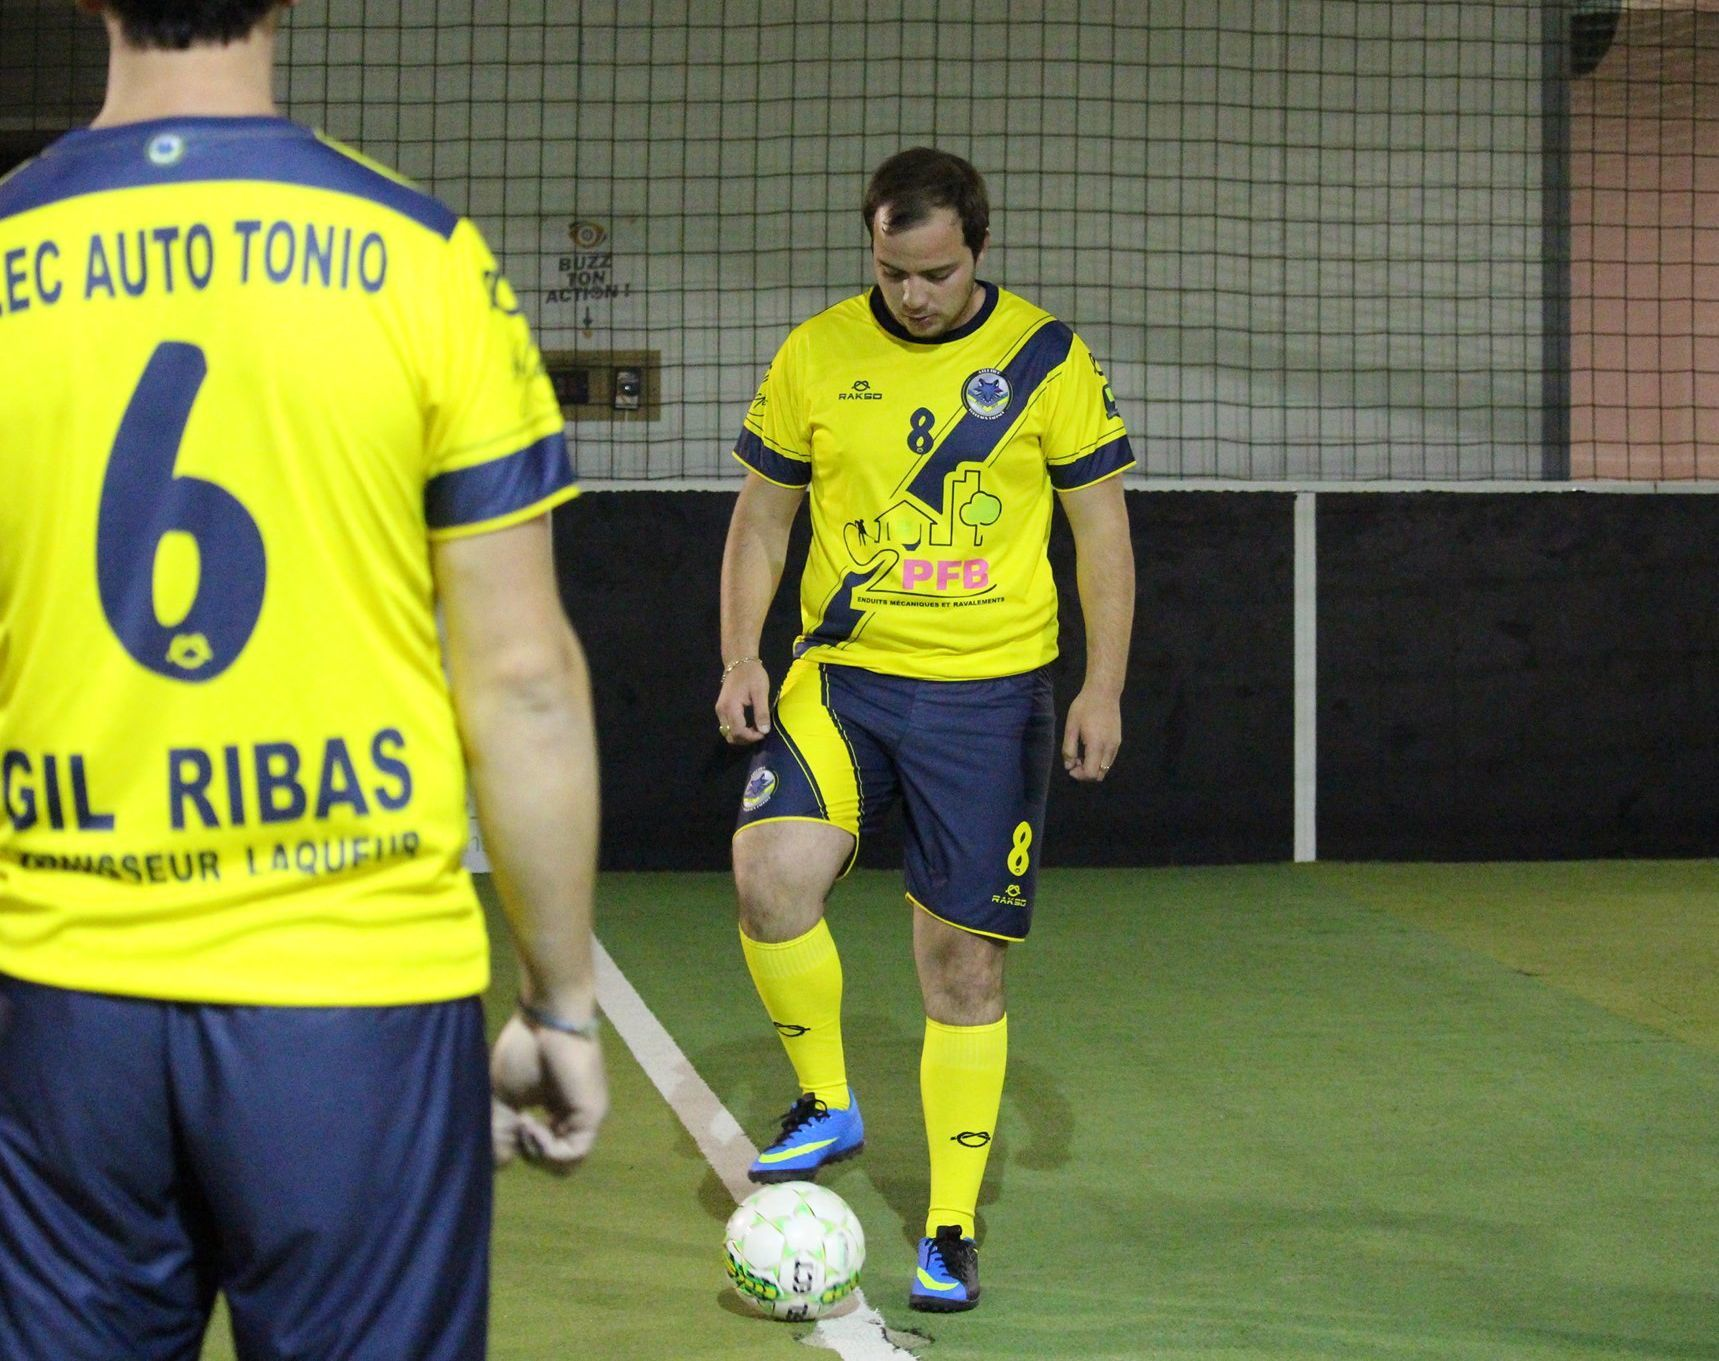 Matchs de Futsal à cenon